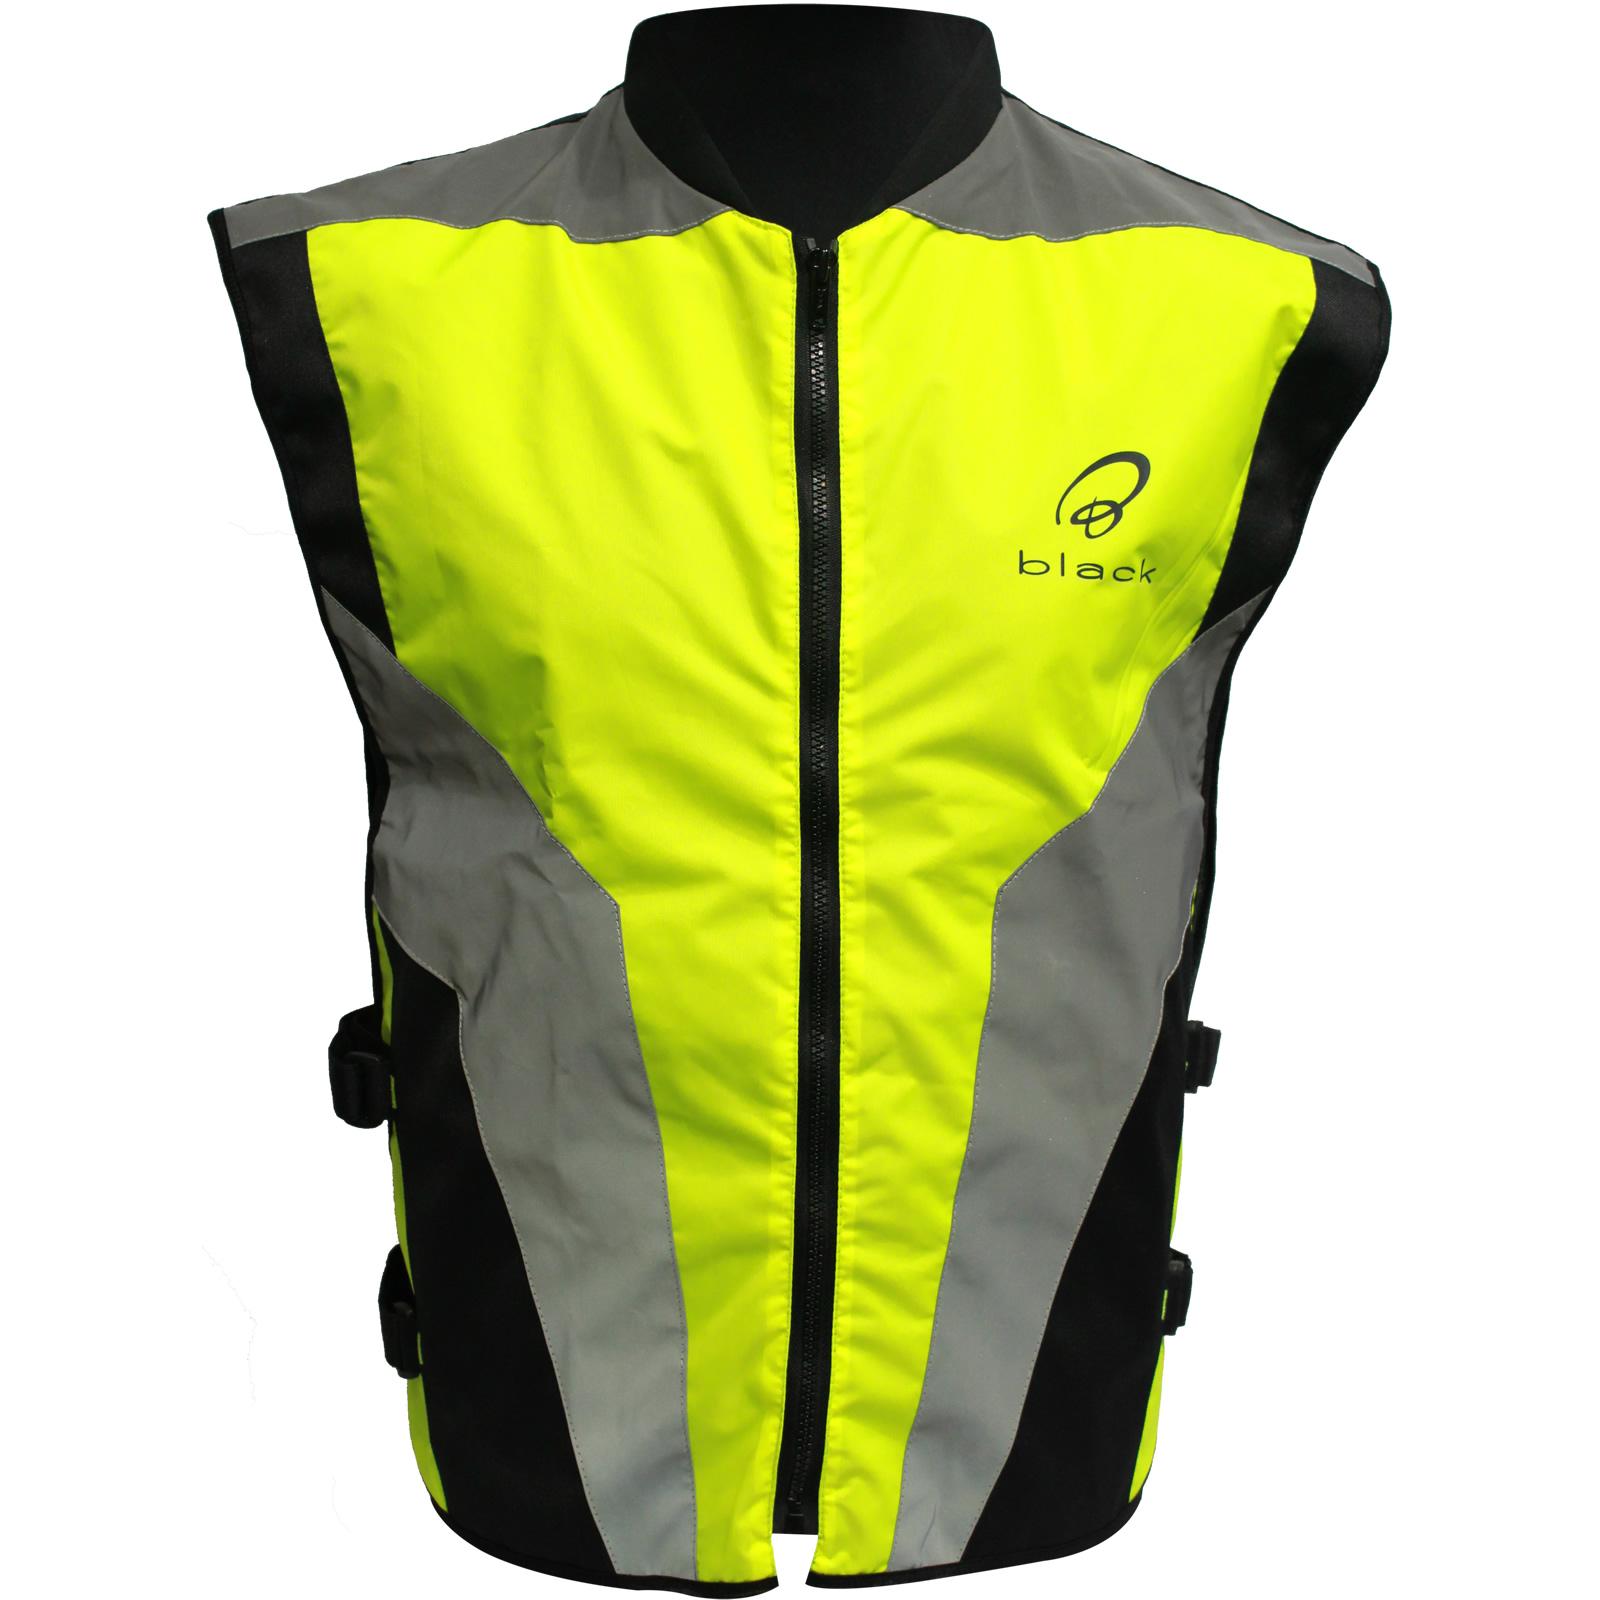 black hi vis reflective motorbike vest high visibility. Black Bedroom Furniture Sets. Home Design Ideas